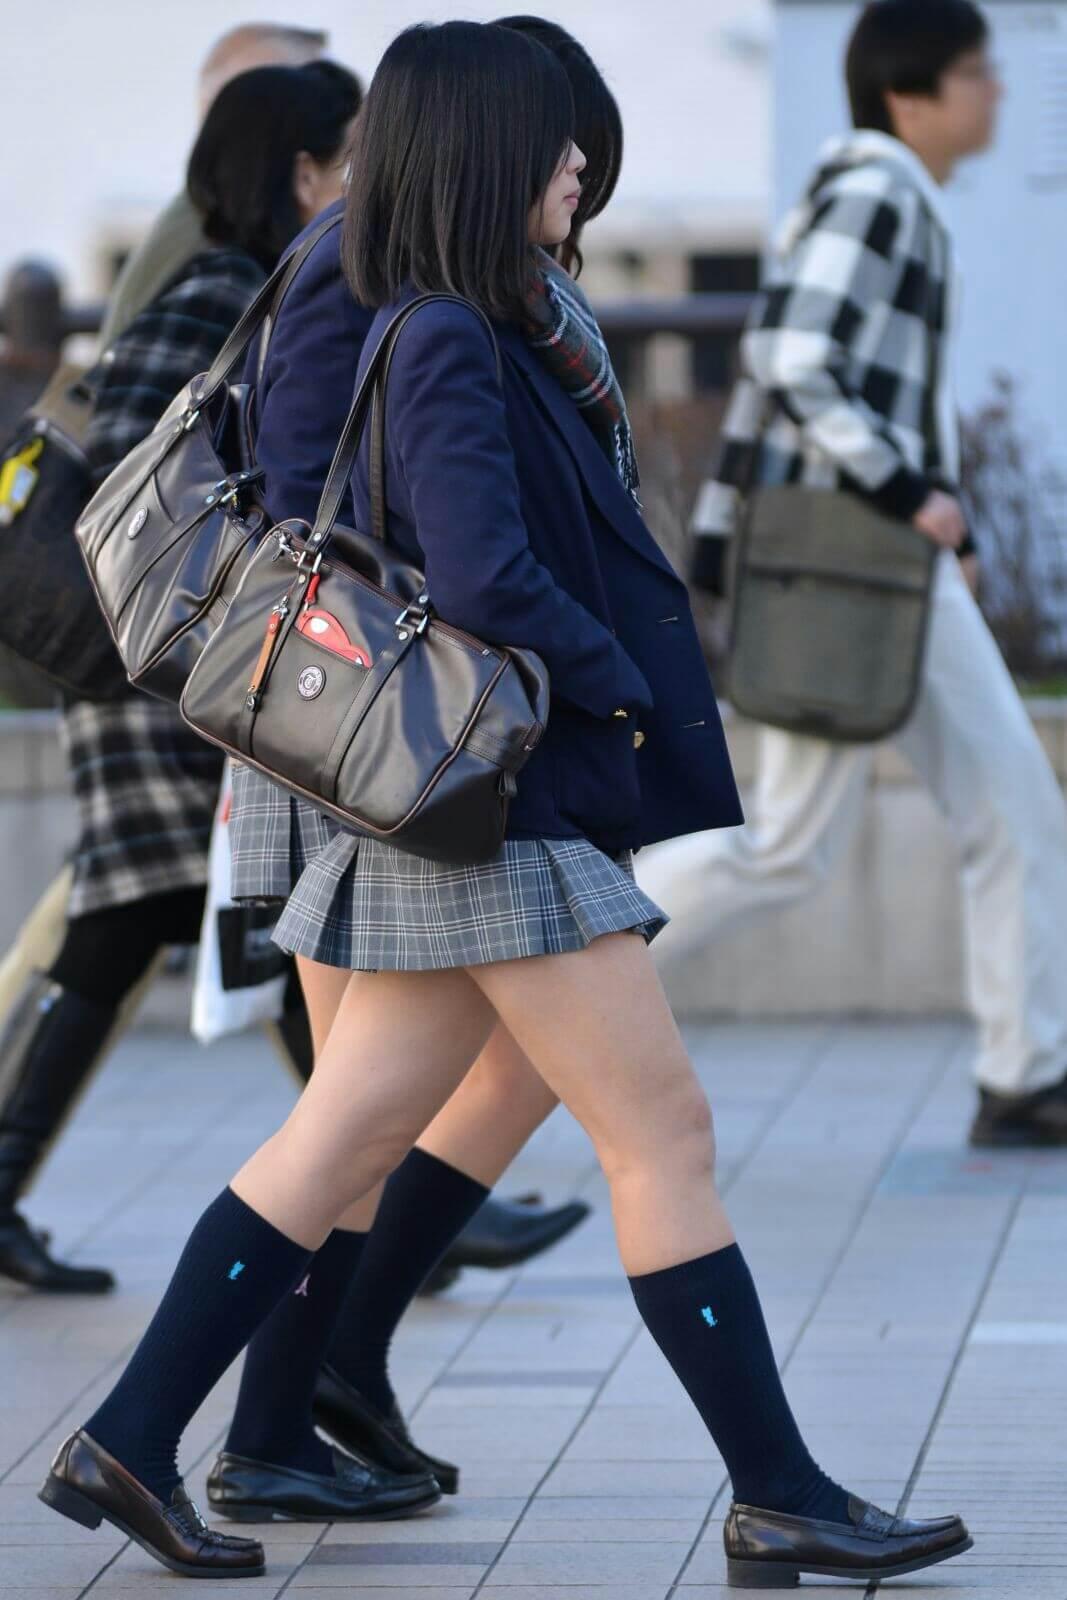 【画像】寒波にも負けない女子高生の待撮り写真